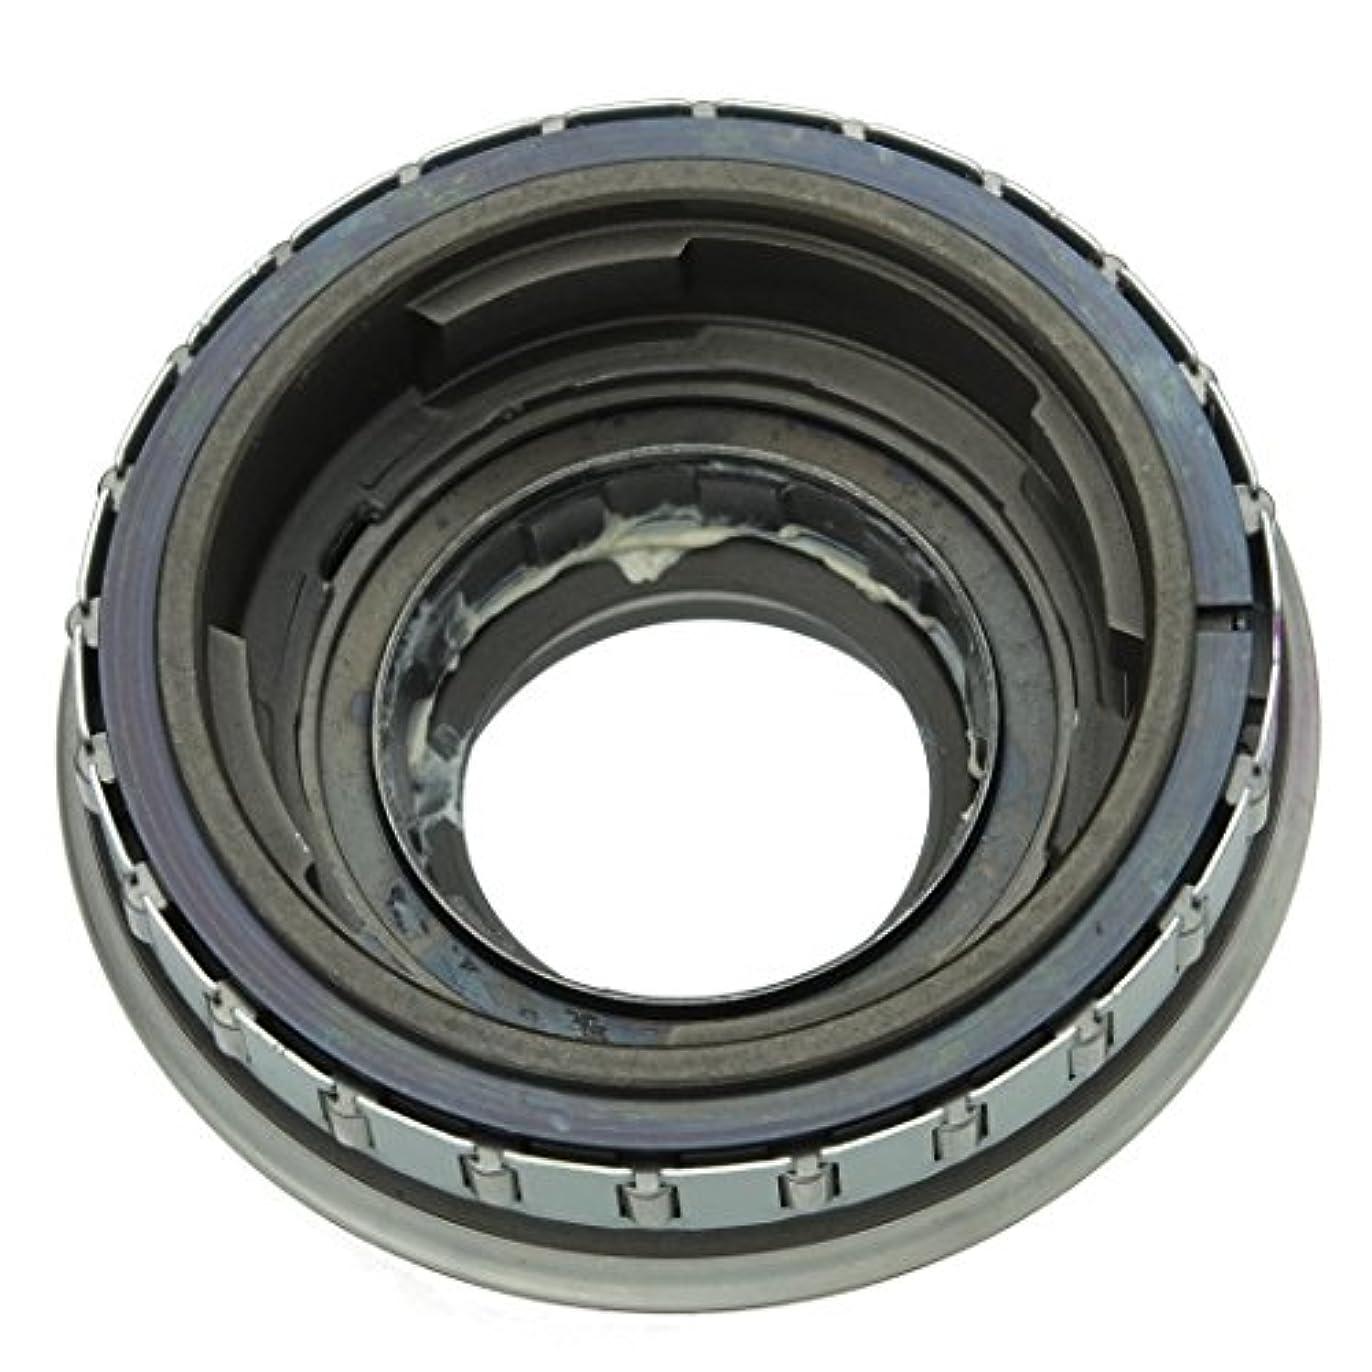 悪化する一定気を散らすSHIMANO(シマノ) 駆動体ユニット 駆動体ユニット WH-S501-V-8D WH-S501-8D SG-S501 SG-S500 SG-8R56 etc. Y37L98020